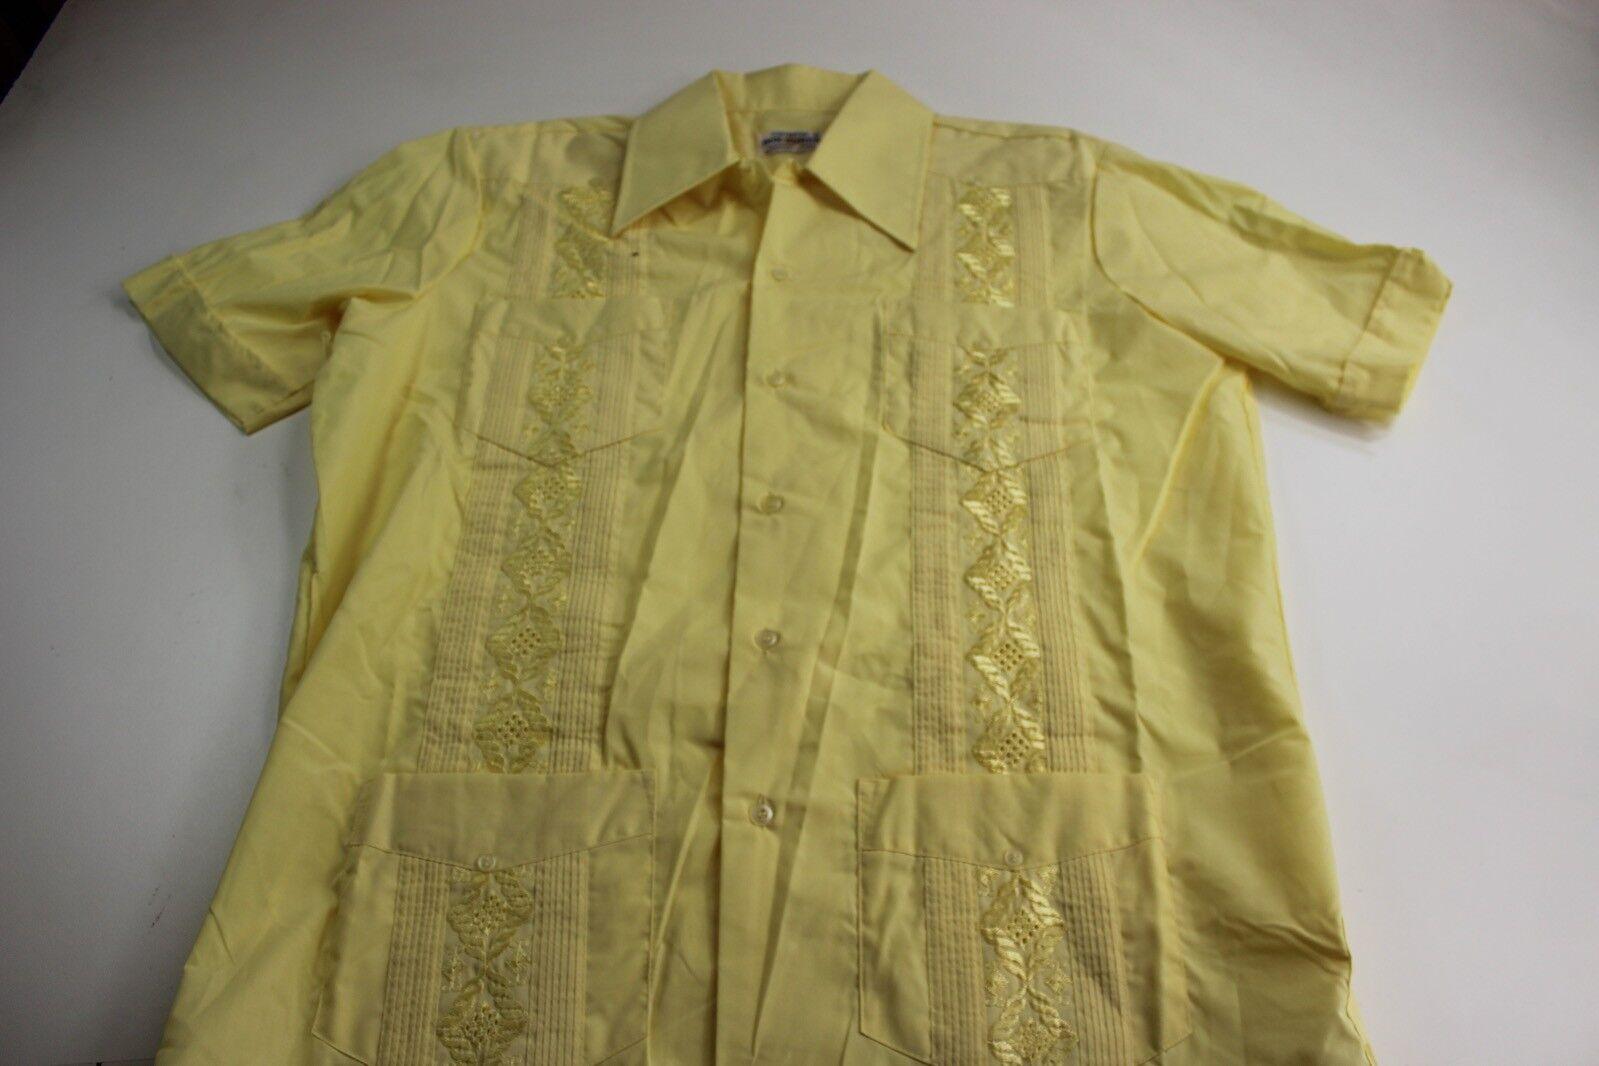 VTG MINT Don Romeo Sunshine Yellow Stitched Guayabera Shirt large L Slim